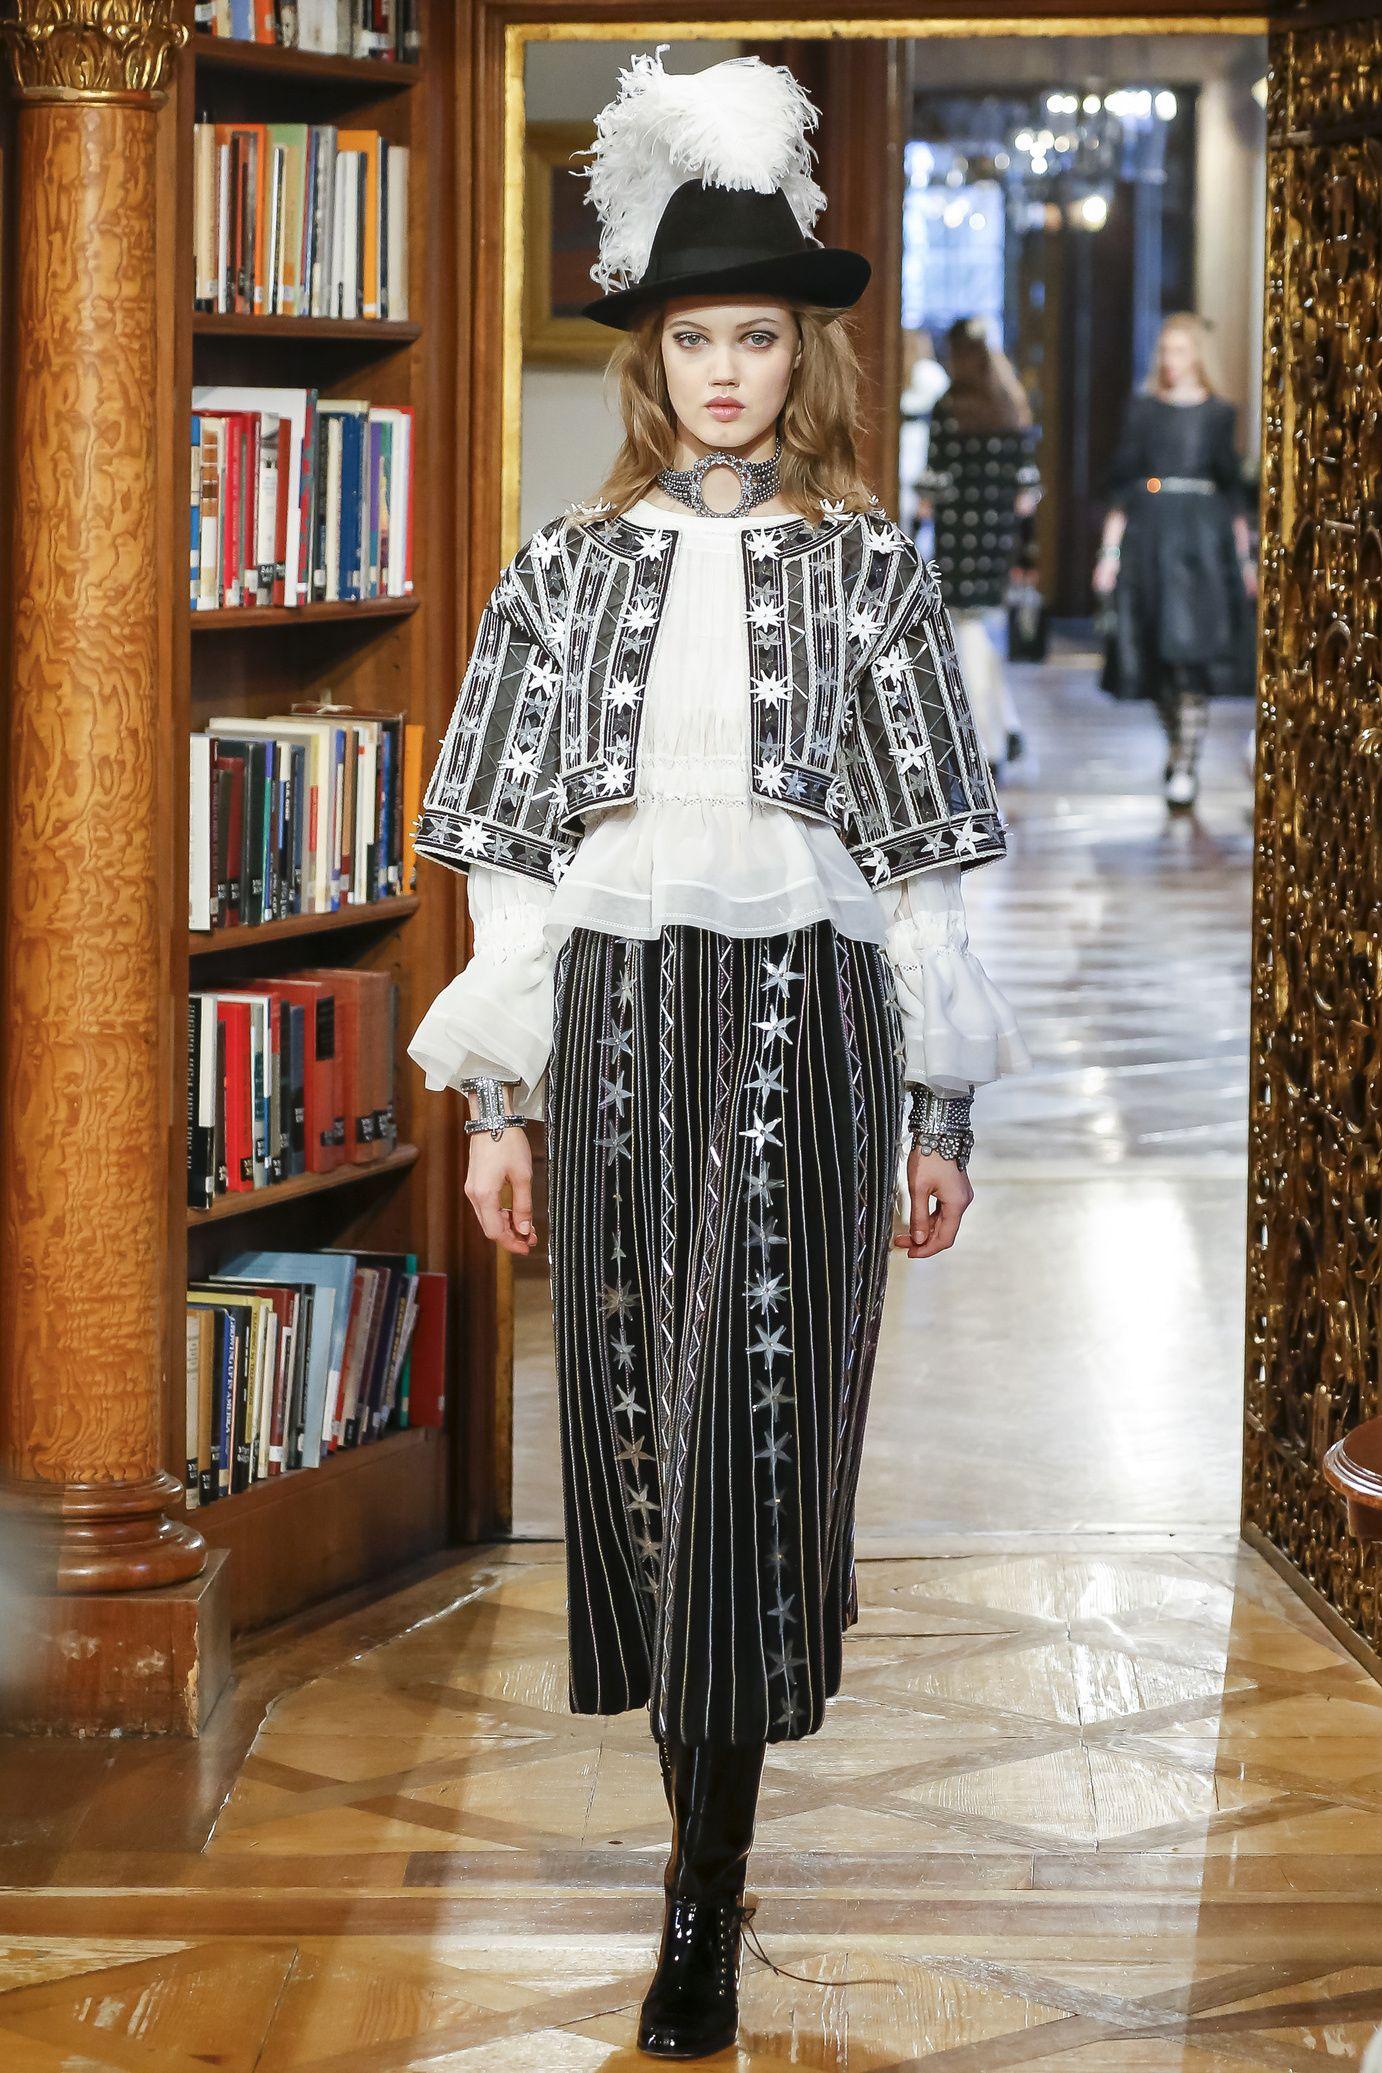 Chanel Métiers d'art 2015 #ChanelSalzburg Visit espritdegabrielle.com | L'héritage de Coco Chanel #espritdegabrielle